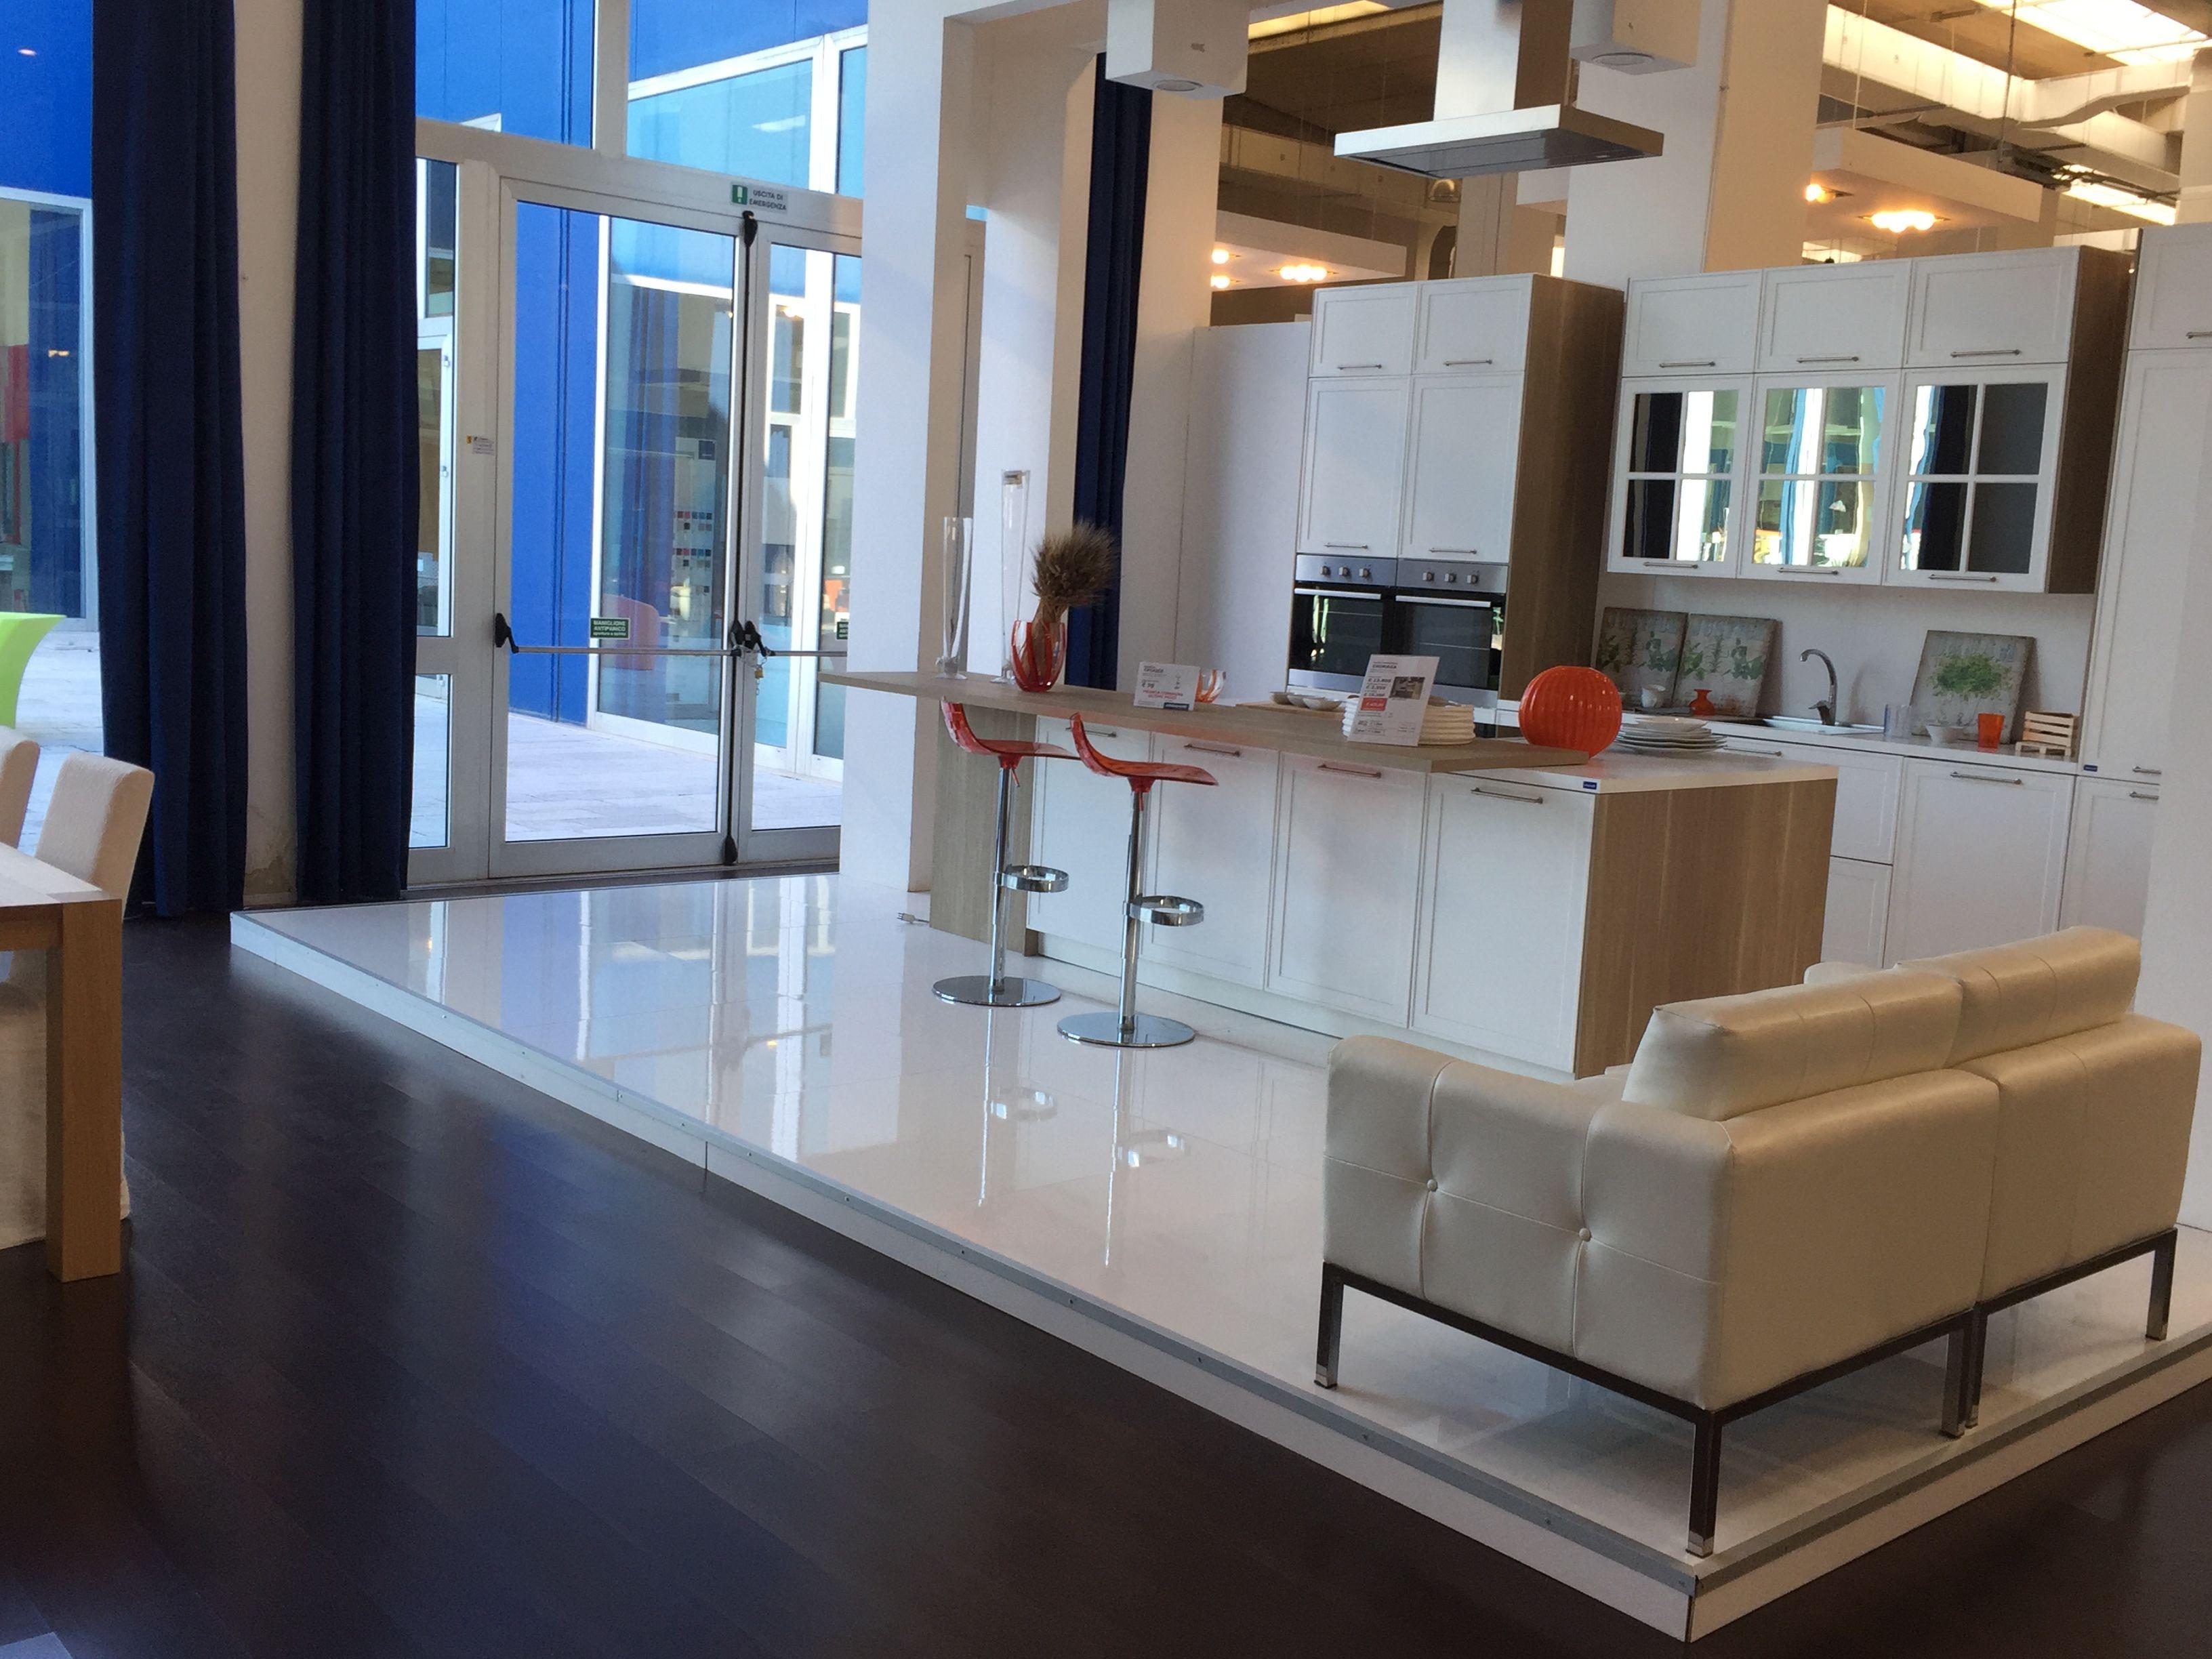 Poltrona Cameretta ~ Chiarelli center arredamenti bari modugno divani cucine